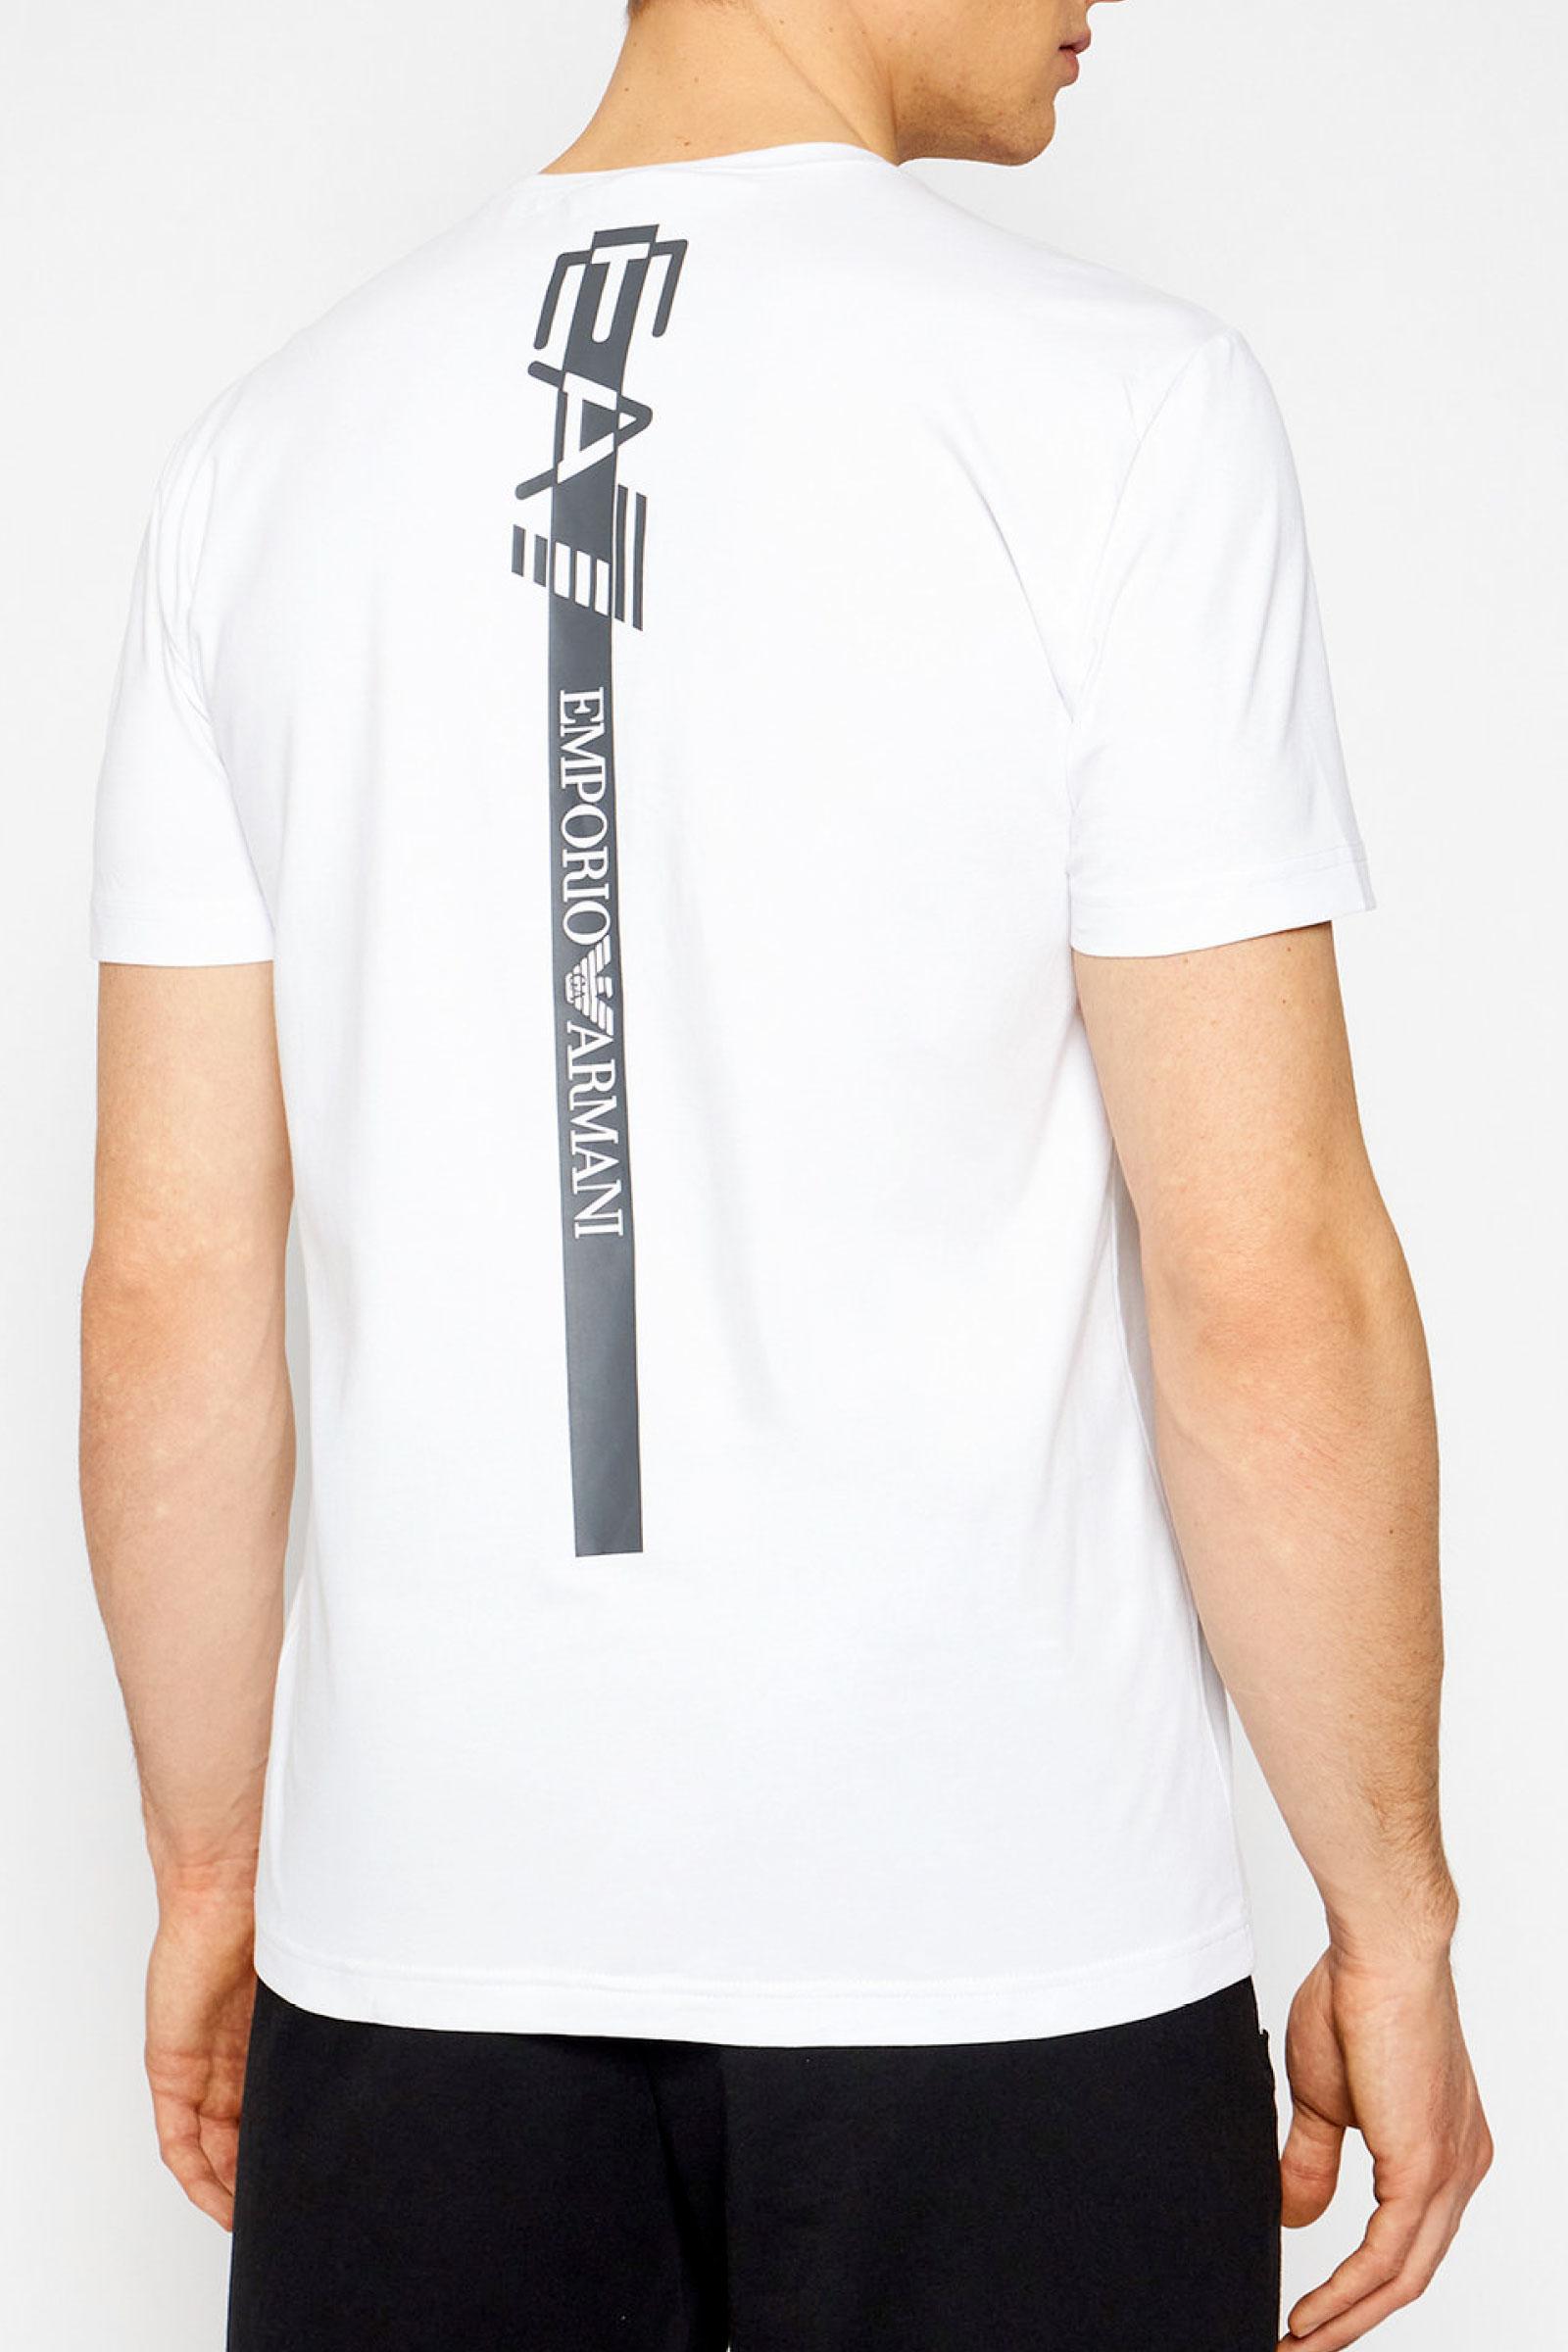 ARMANI EA7 Men's T-Shirt ARMANI EA7 | T-Shirt | 3KPT06 PJ03Z1100